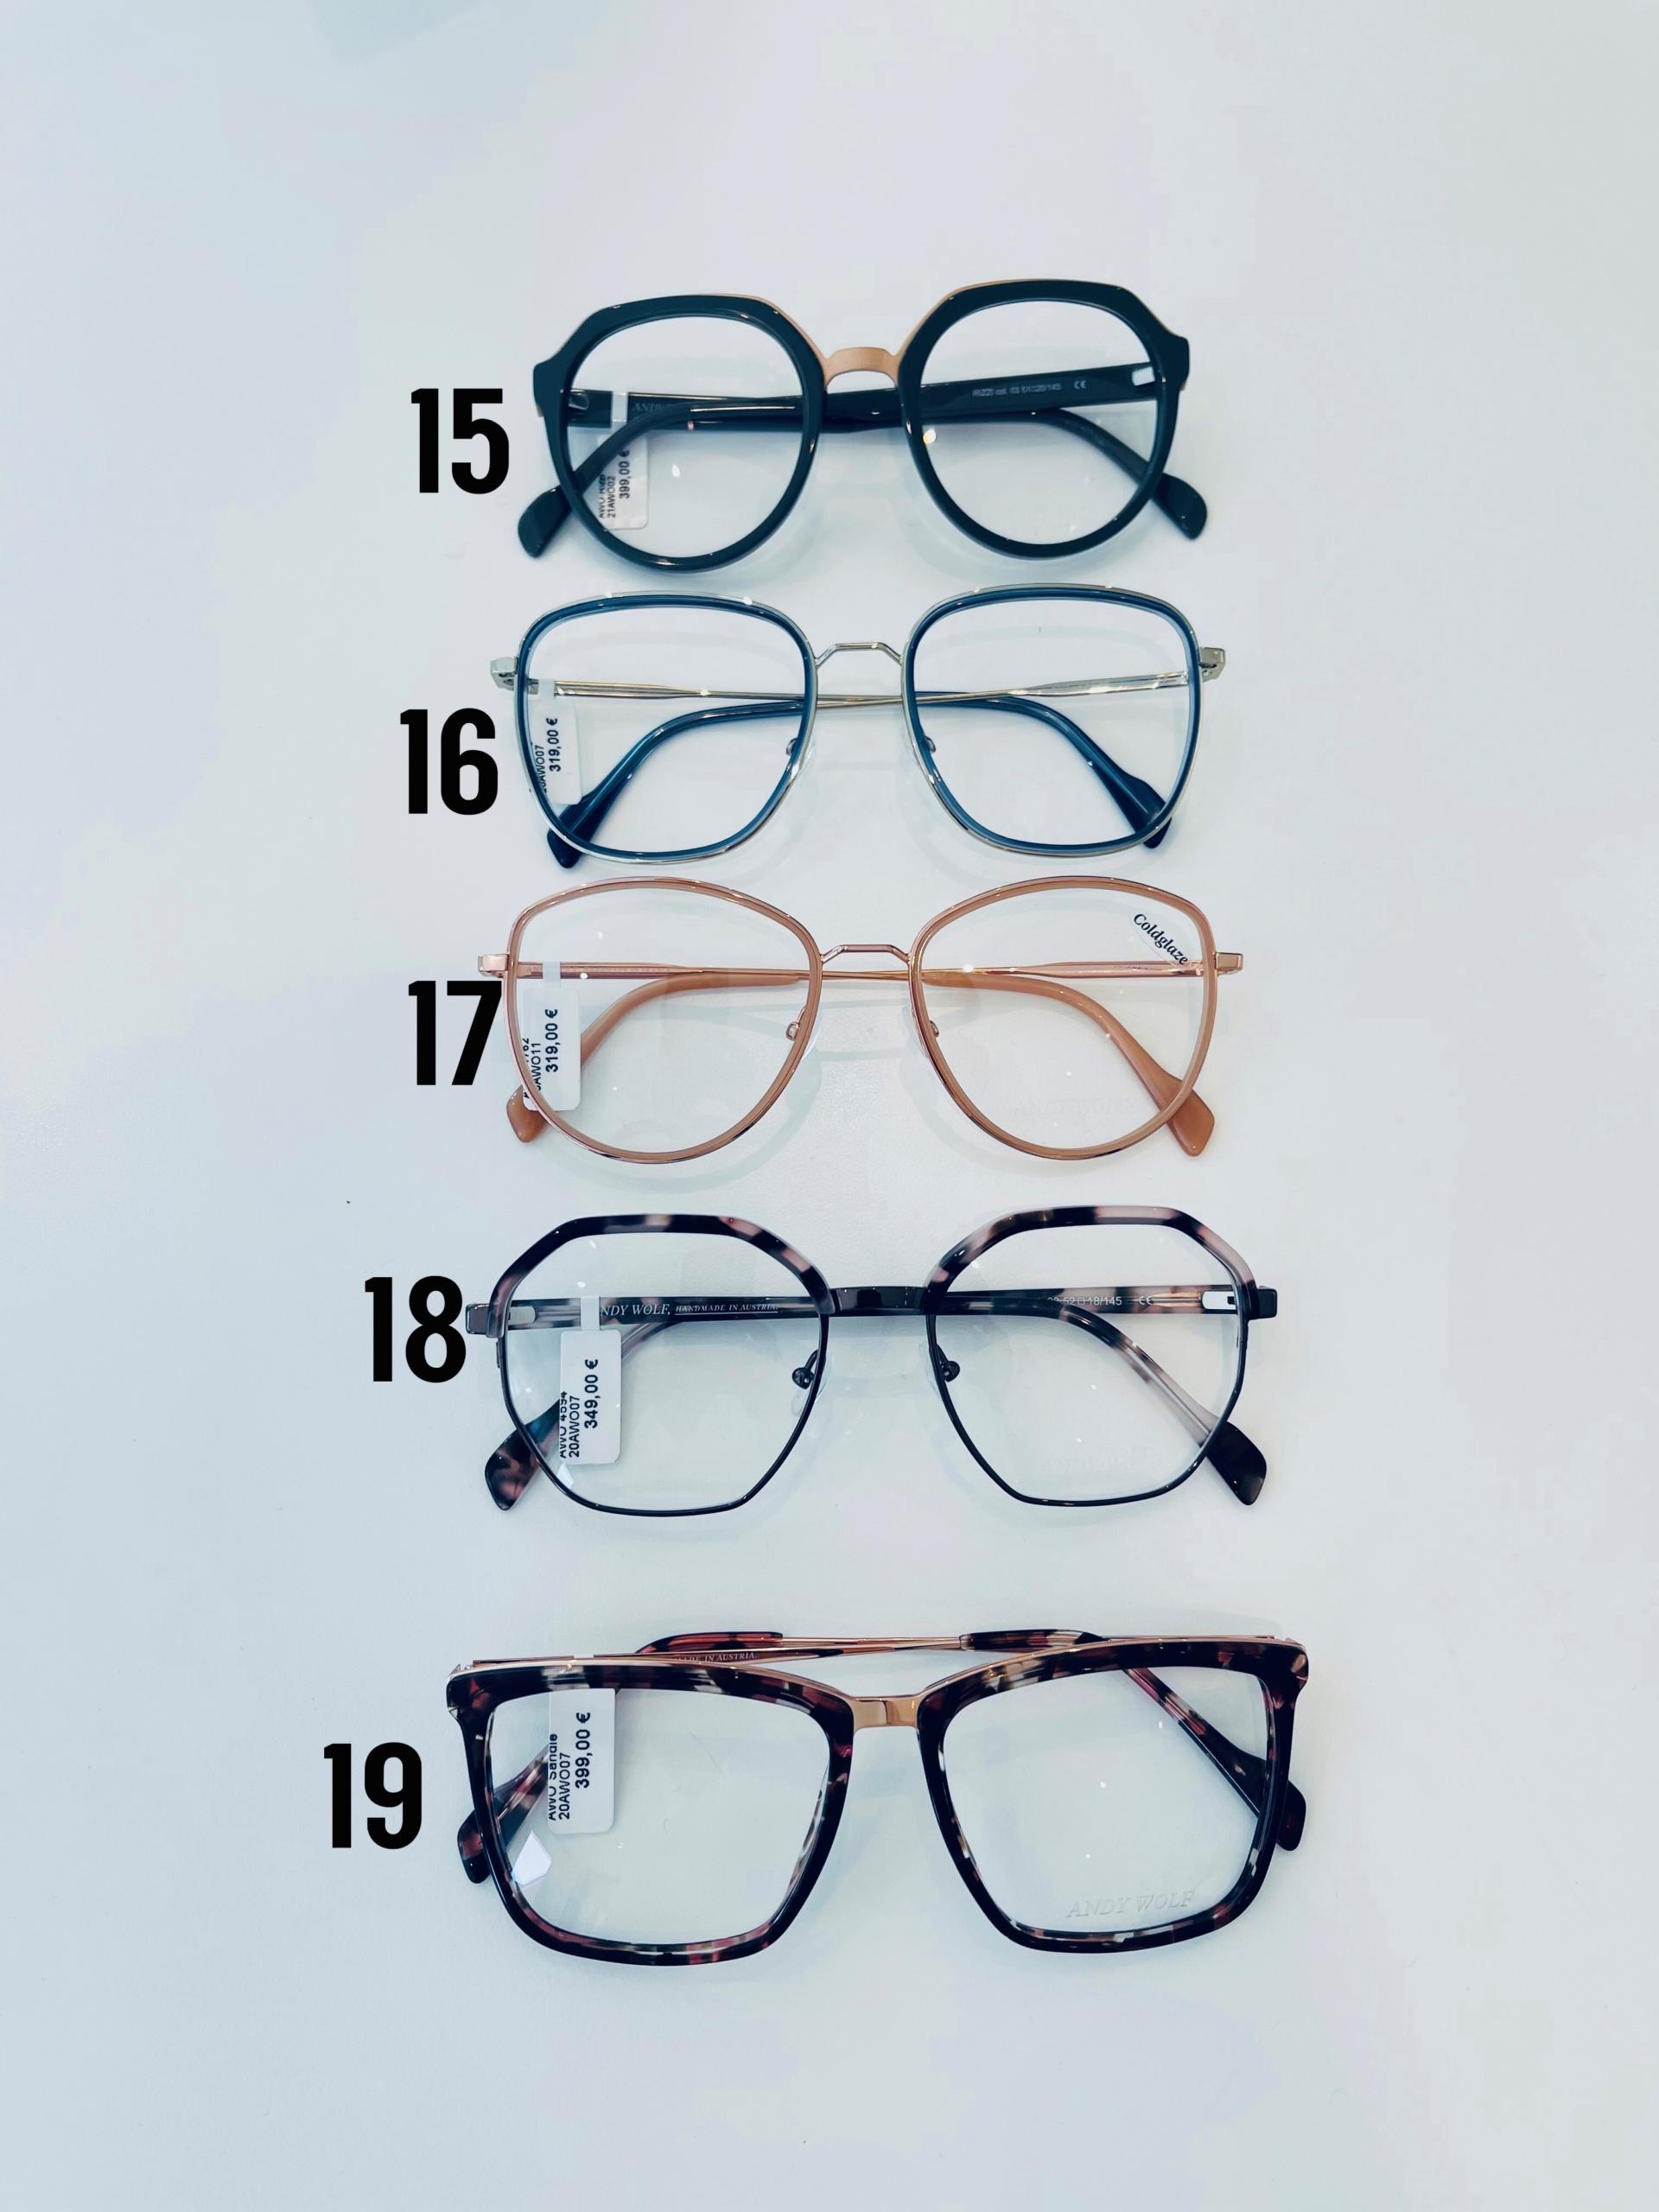 Optiker Augensache Brille Sonnenbrille Friedberg_31032021_4